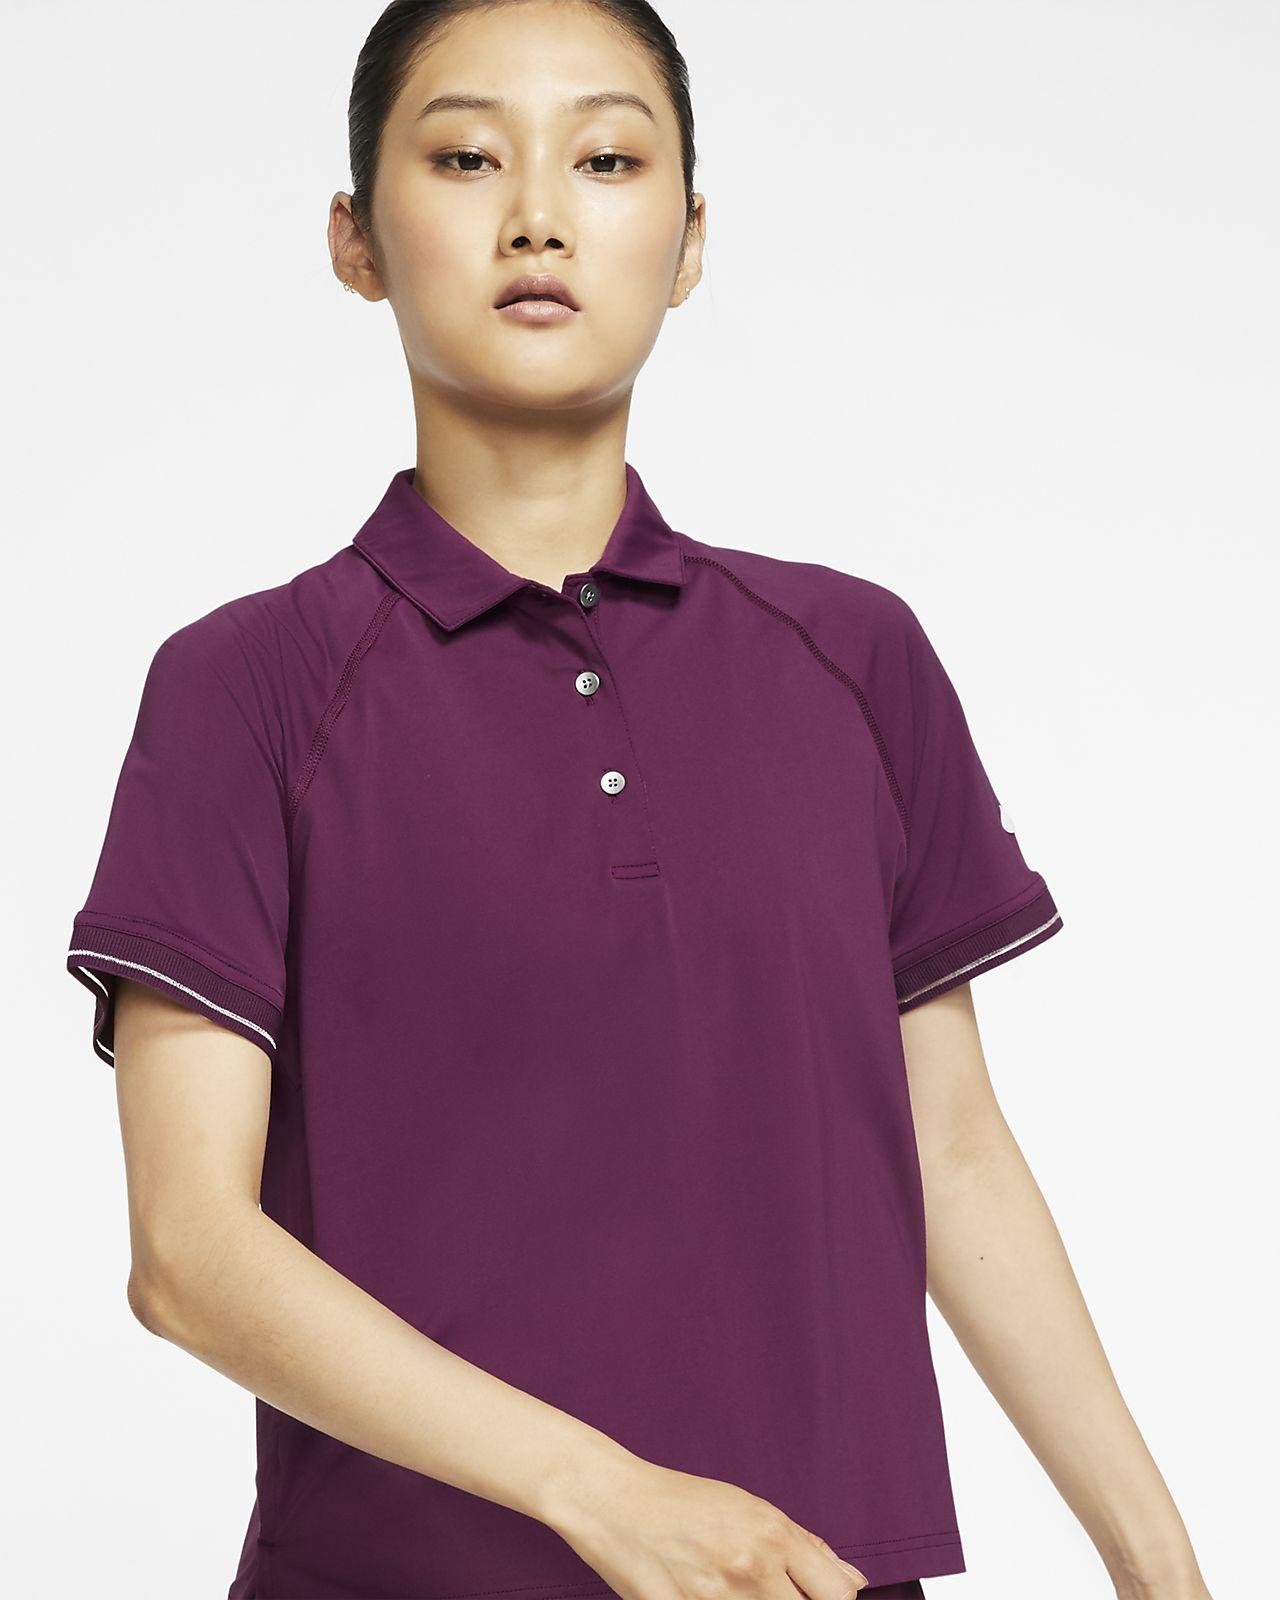 Женская теннисная рубашка-поло NikeCourt